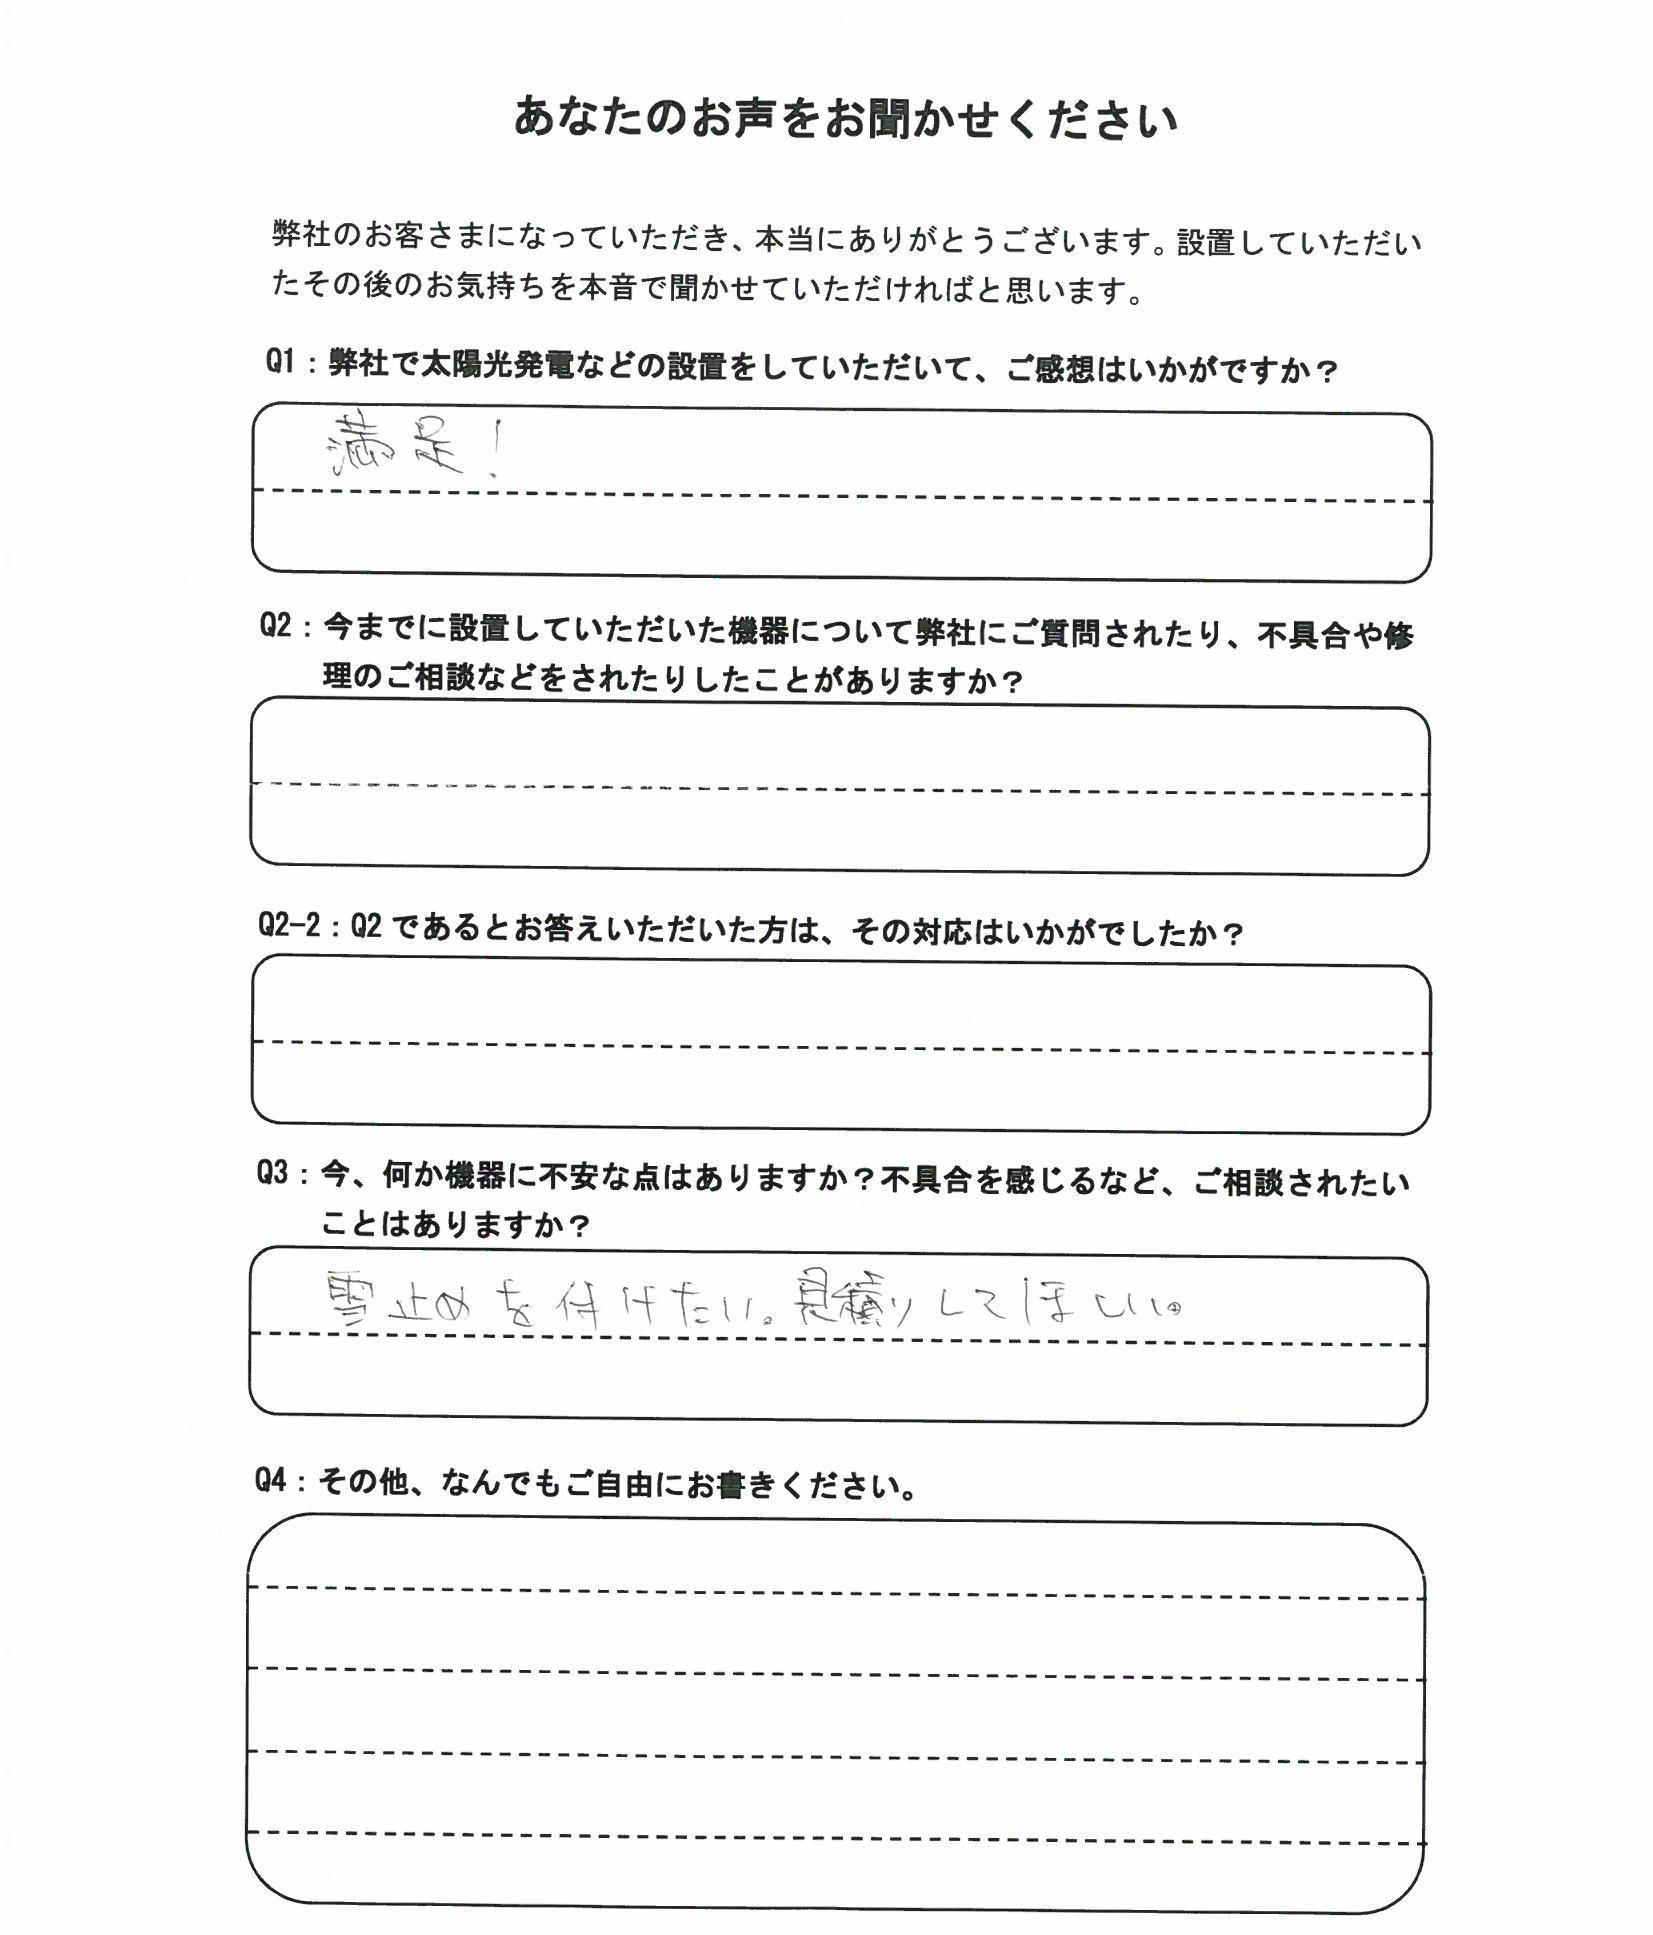 アンケート回答 M.K様 (2)